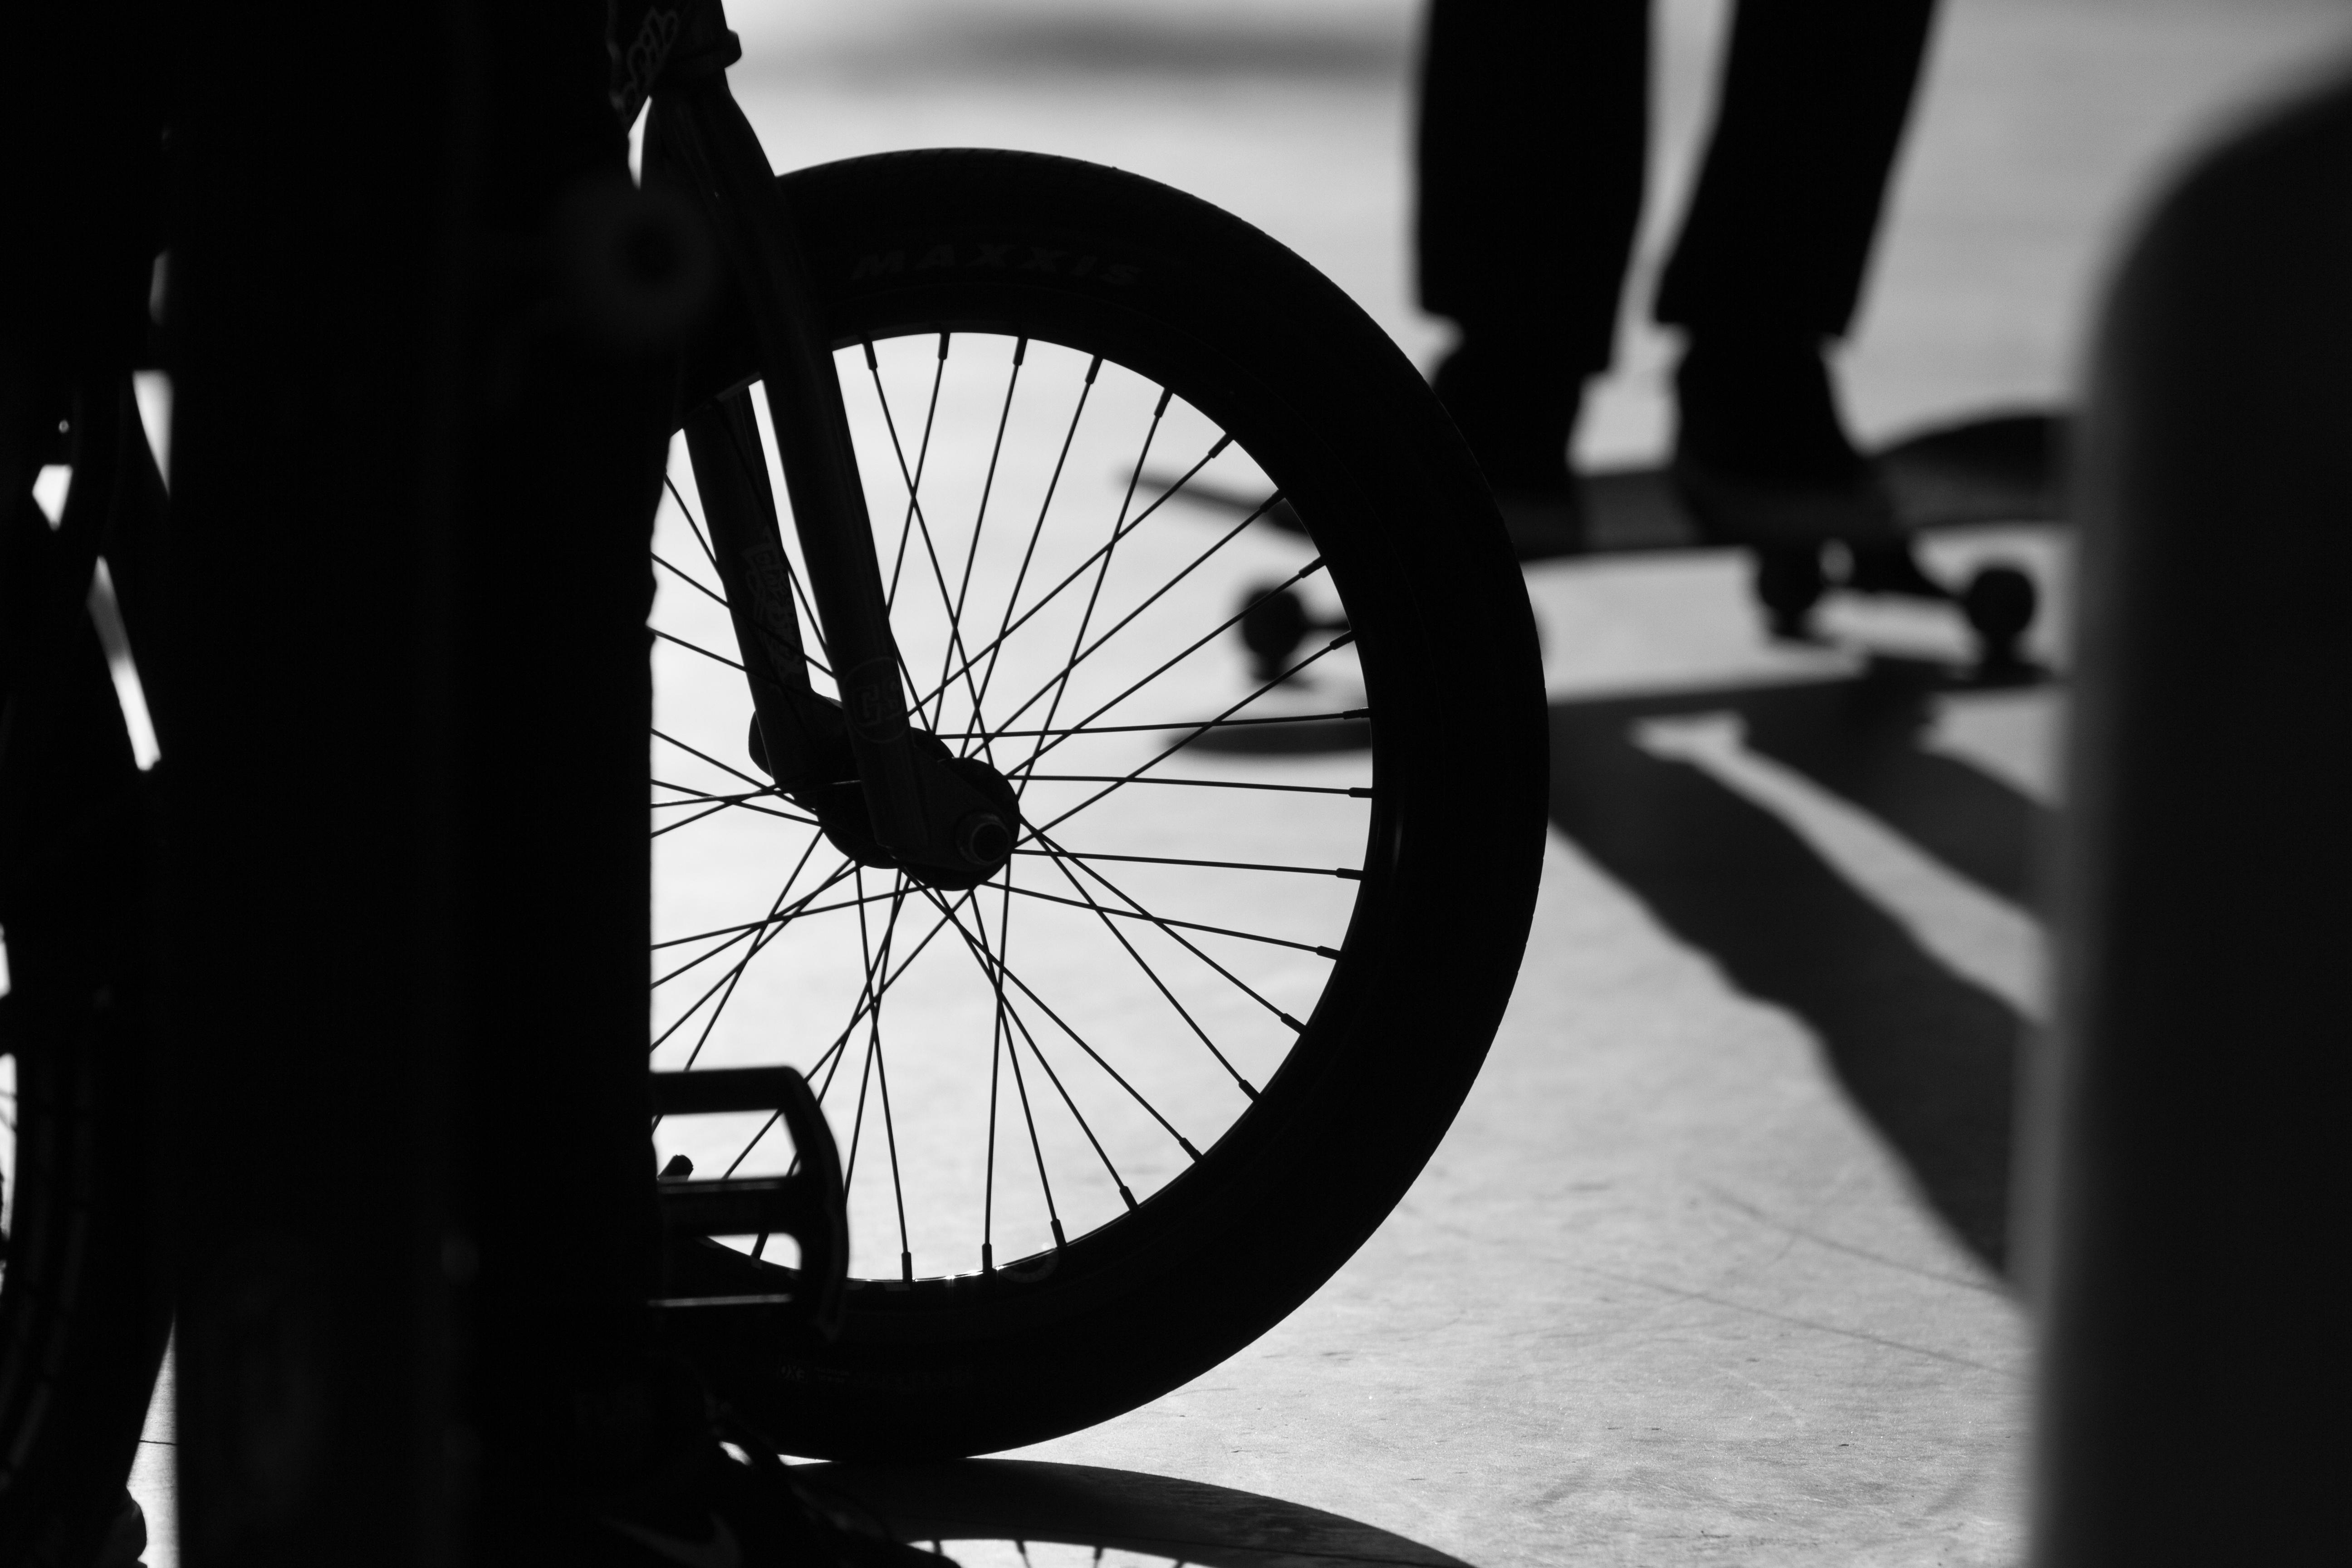 Hintergrundbilder : Schatten, Fahrrad, Rad, Silhouette, BMX ...